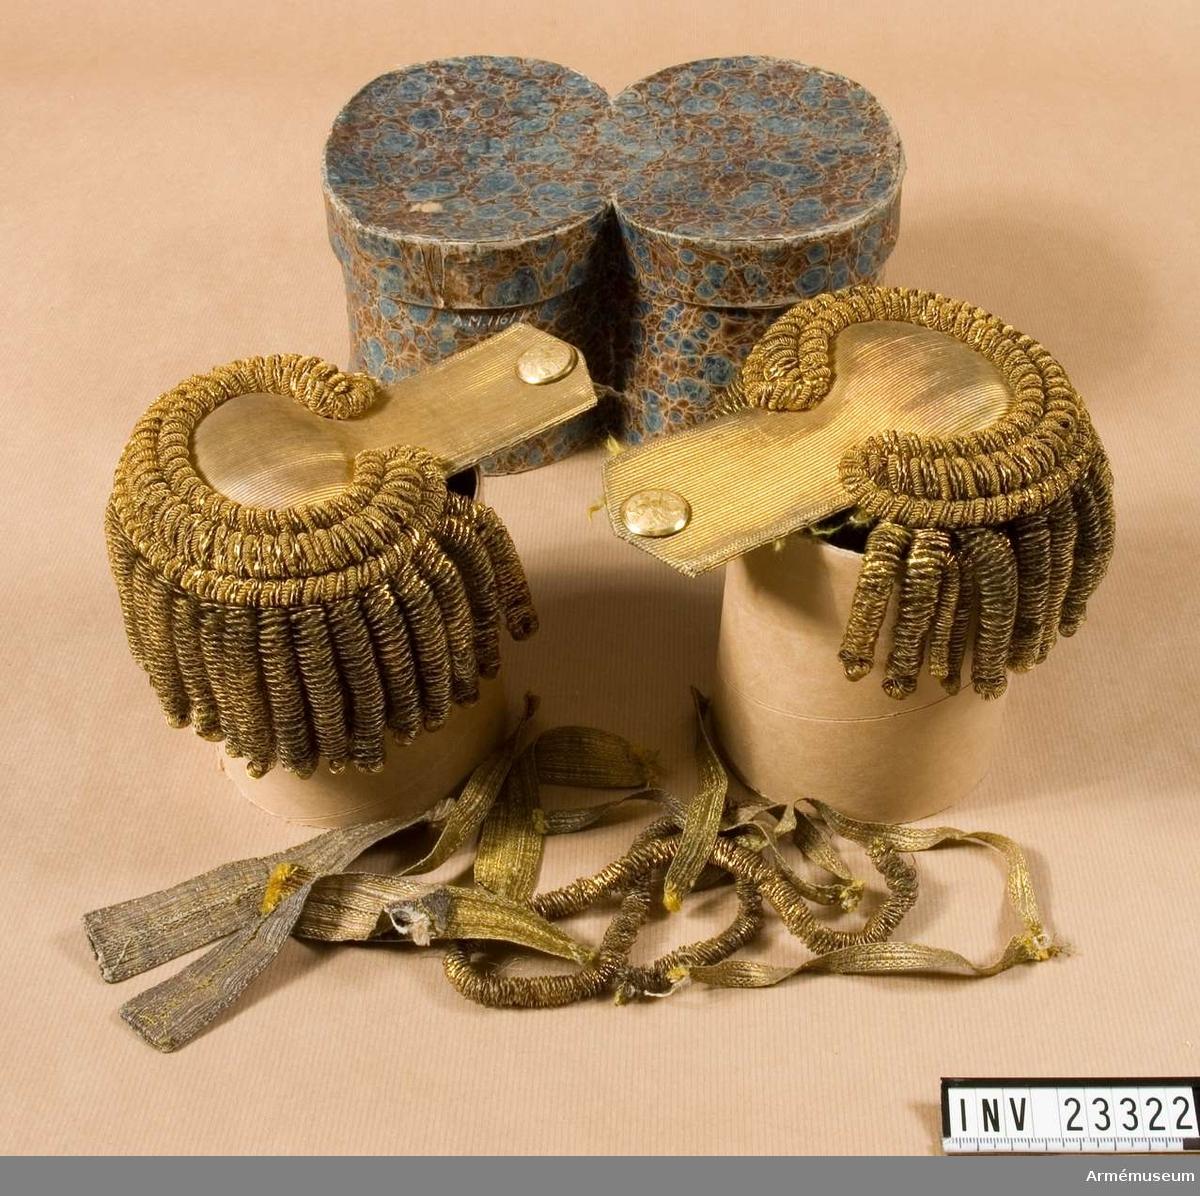 Grupp C. I guld med grova guldbuljoner. Knapp med Östgöta vapen. I asken ligger även guldgaloner och en lös guldbuljon. Buljonen kan ha suttit på en bicorn, medan fyra av galonerna ser ut som gradbeteckningar i form av knapphål som satt på kragen för kompaniofficerare i början av 1800-talet. 2016-11-02 MM.